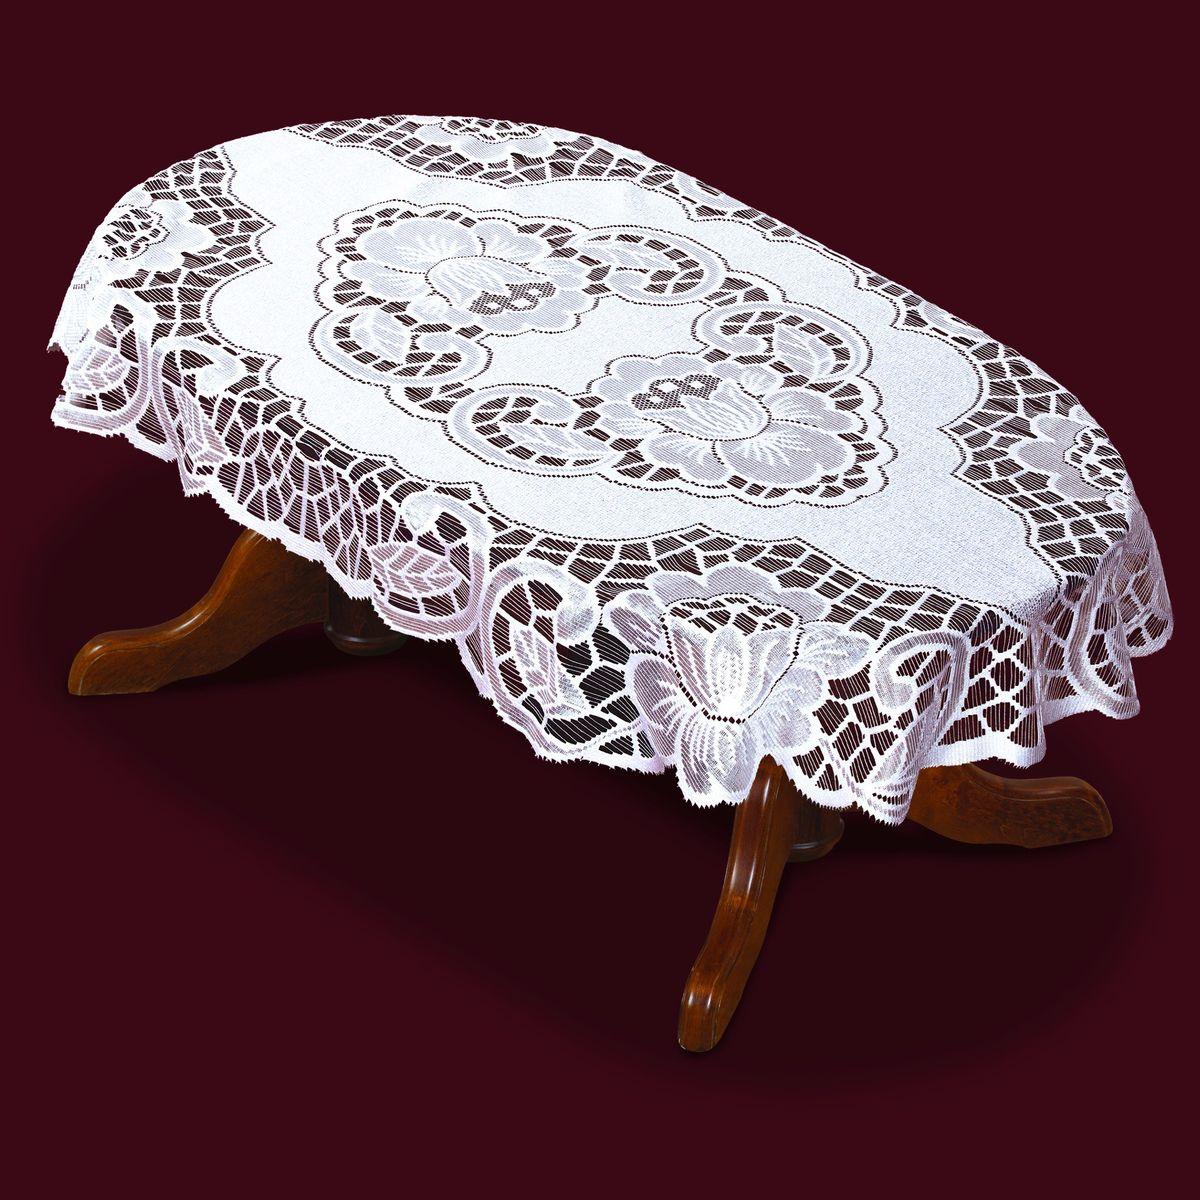 Скатерть Haft, овальная, цвет: белый, 250x 140 см. 38851-140VT-1520(SR)Великолепная овальная скатерть Haft, выполненная из полиэстера, органично впишется в интерьер любого помещения, а оригинальный дизайн удовлетворит даже самый изысканный вкус. Скатерть изготовлена из сетчатого материала с ажурным цветочным рисунком. Края скатерти закруглены. Скатерть Haft создаст праздничное настроение и станет прекрасным дополнением интерьера гостиной, кухни или столовой.